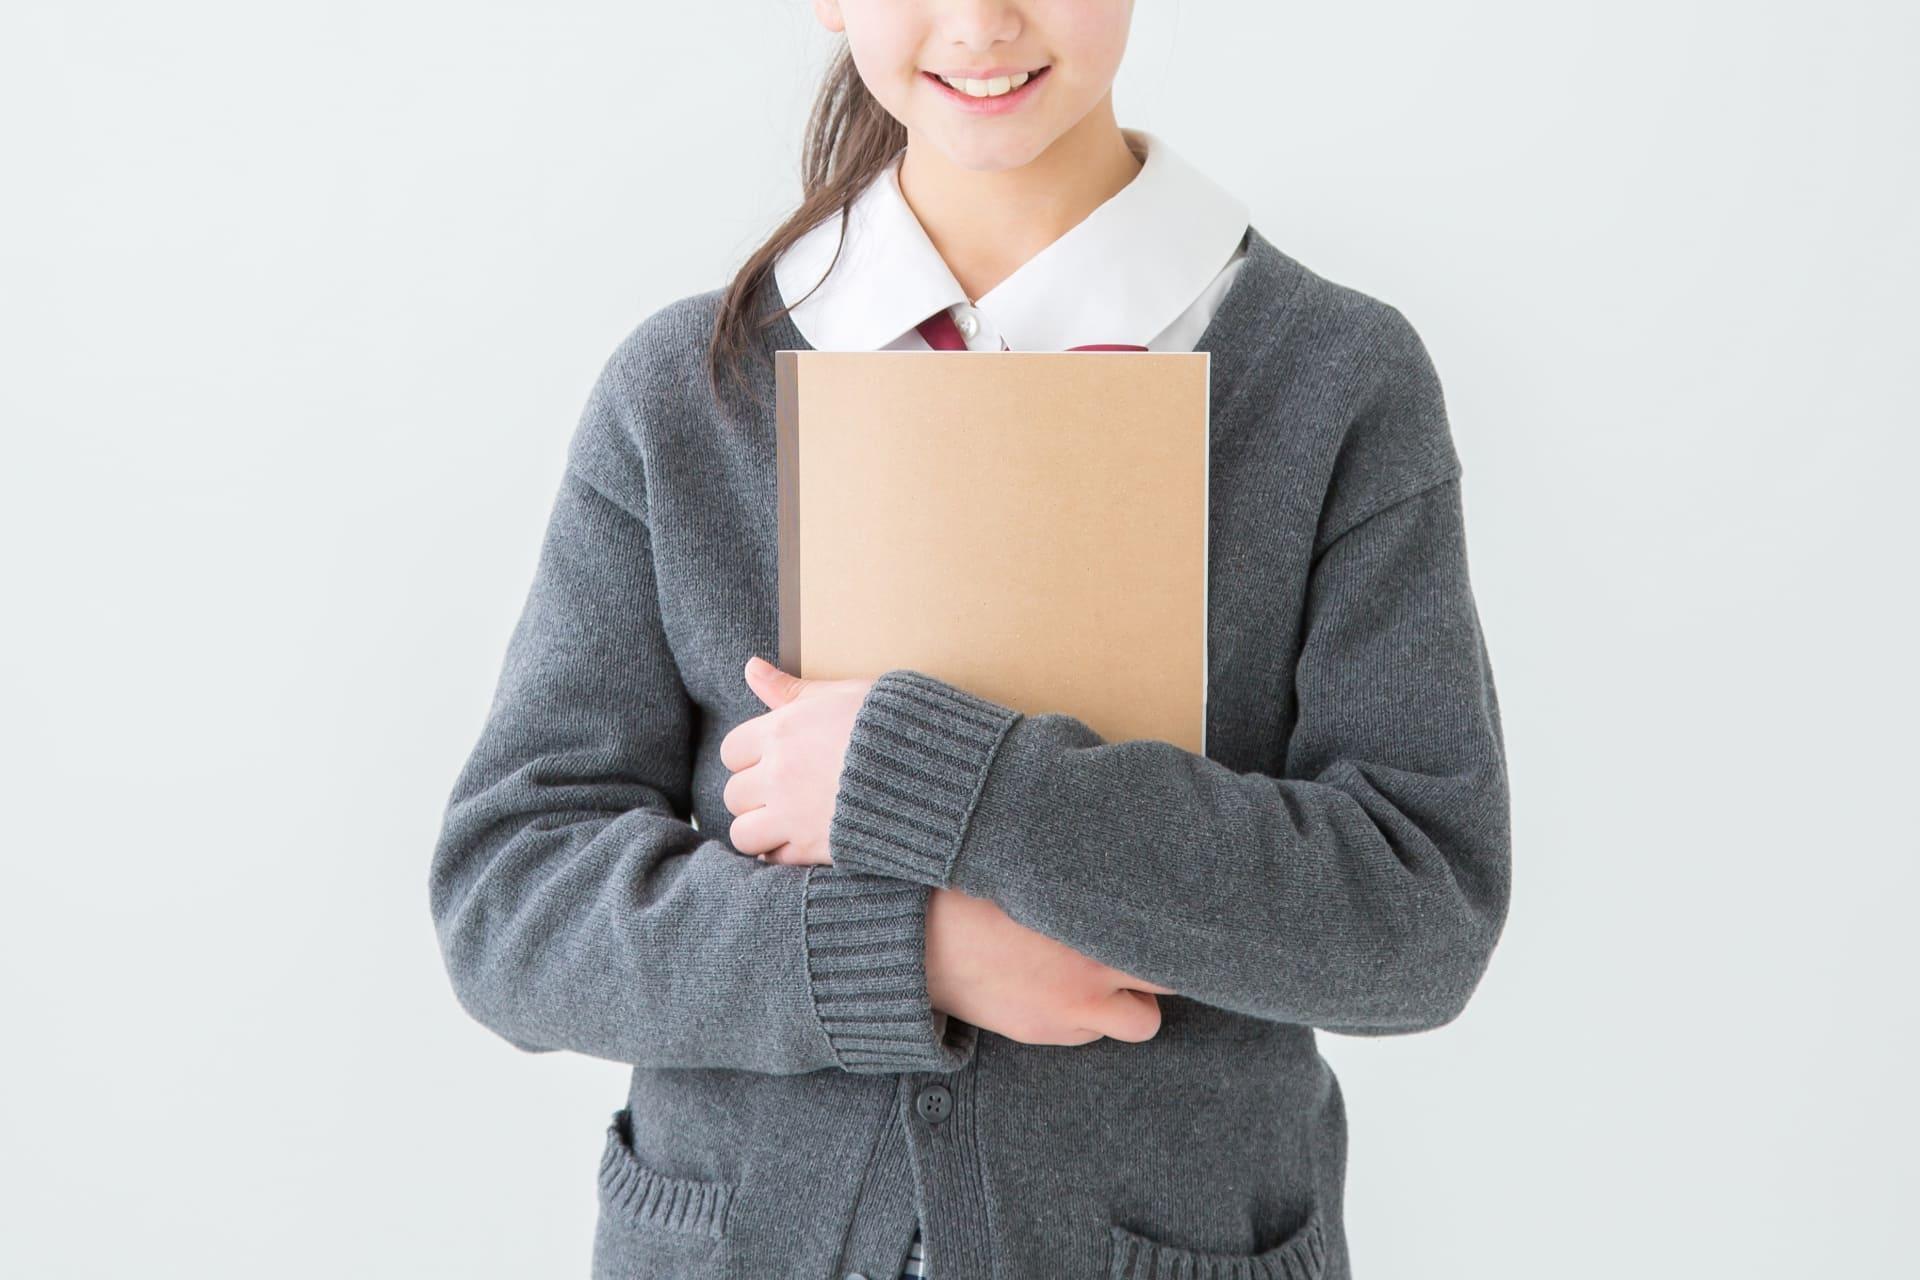 福岡大学医学部推薦入試対策講座、私立医学部一般入試出願について